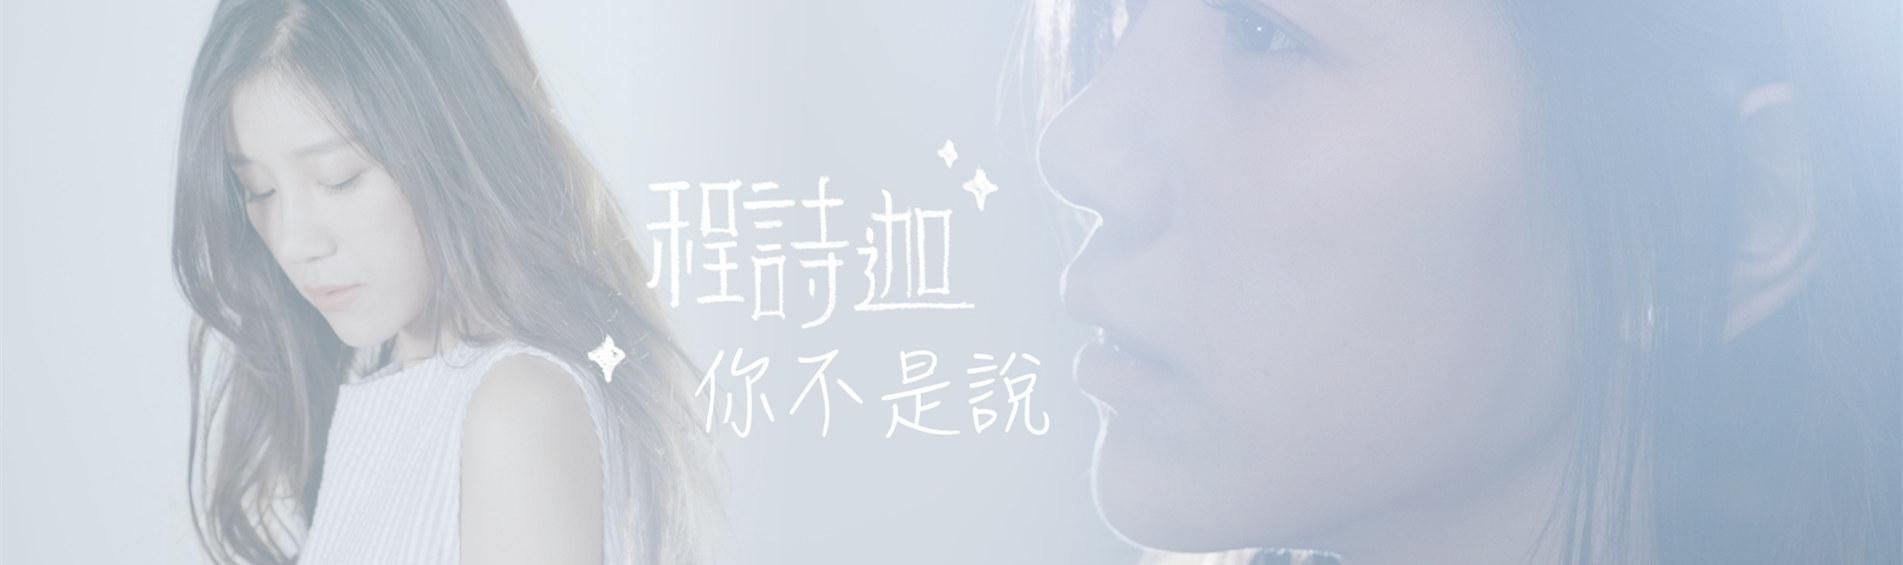 程诗迦-你不是说MV